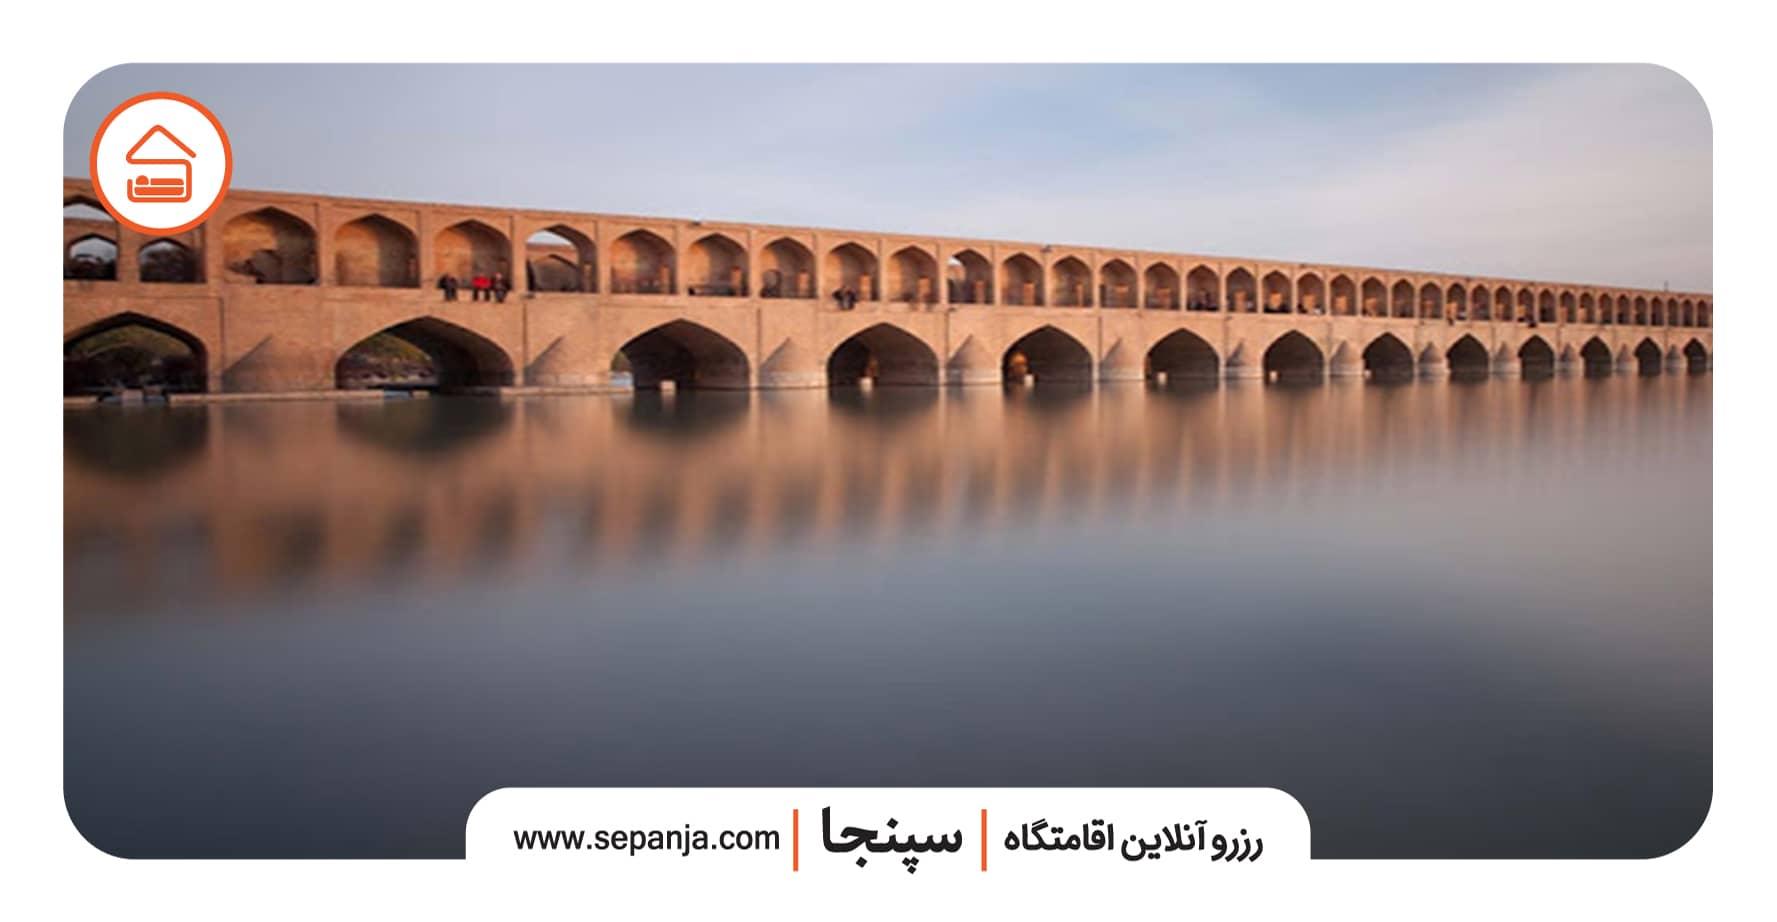 نمایی از سی و سه پل از بهترین جاهای دیدنی اصفهان